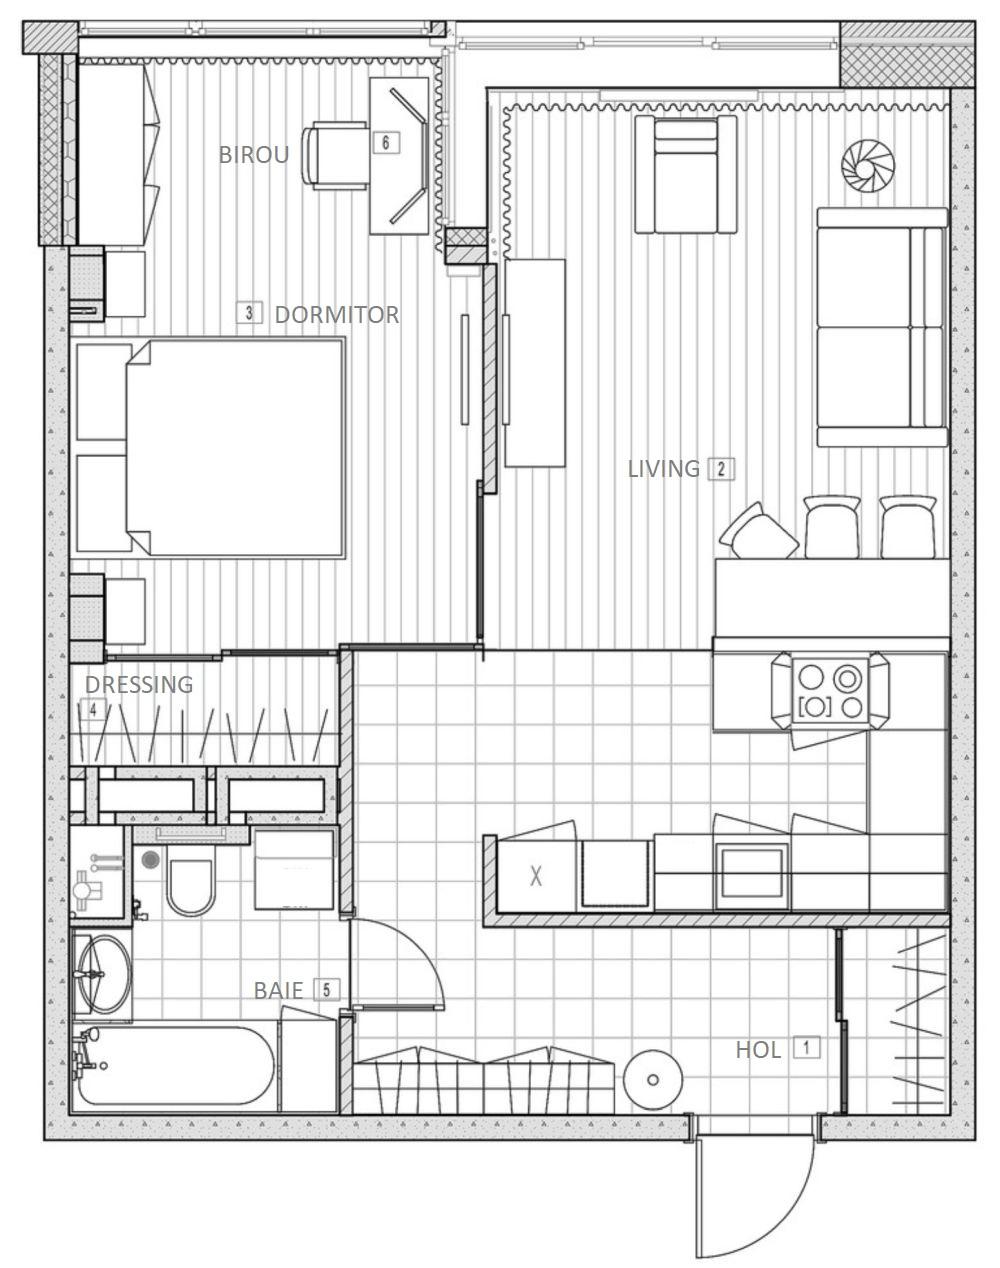 adelaparvu.com despre apartament 2 camere 50 mp, design interior SunWaveStudio, foto Sergey Krasyuk (22)